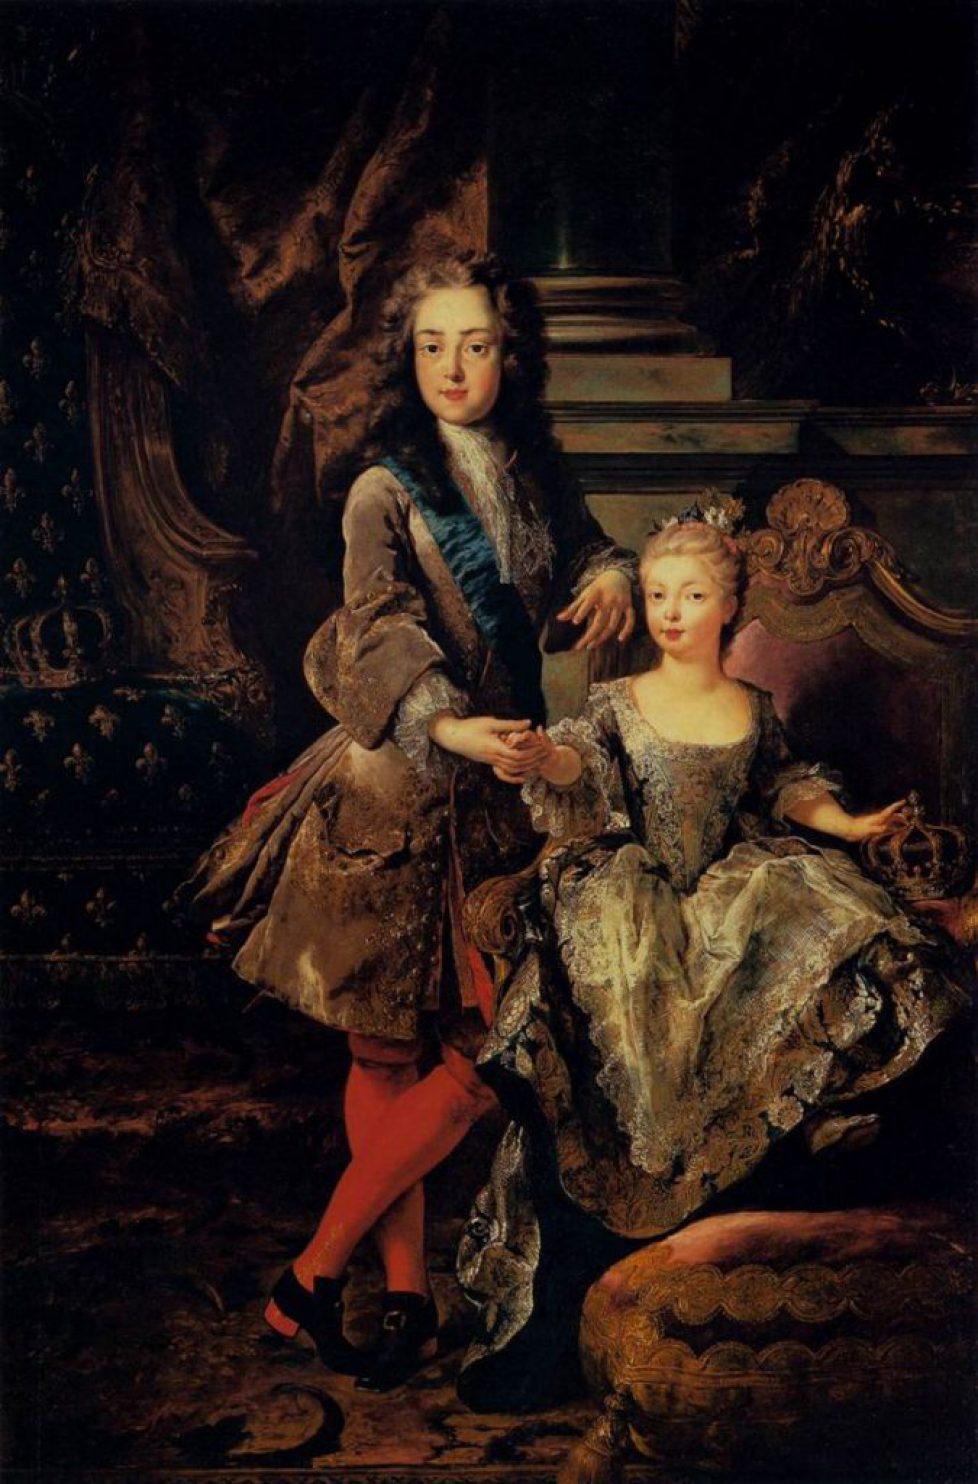 800px-Louis_XV_with_Marie_Anne_Victoire_d'Espagne_by_François_de_Troy,_Pitti